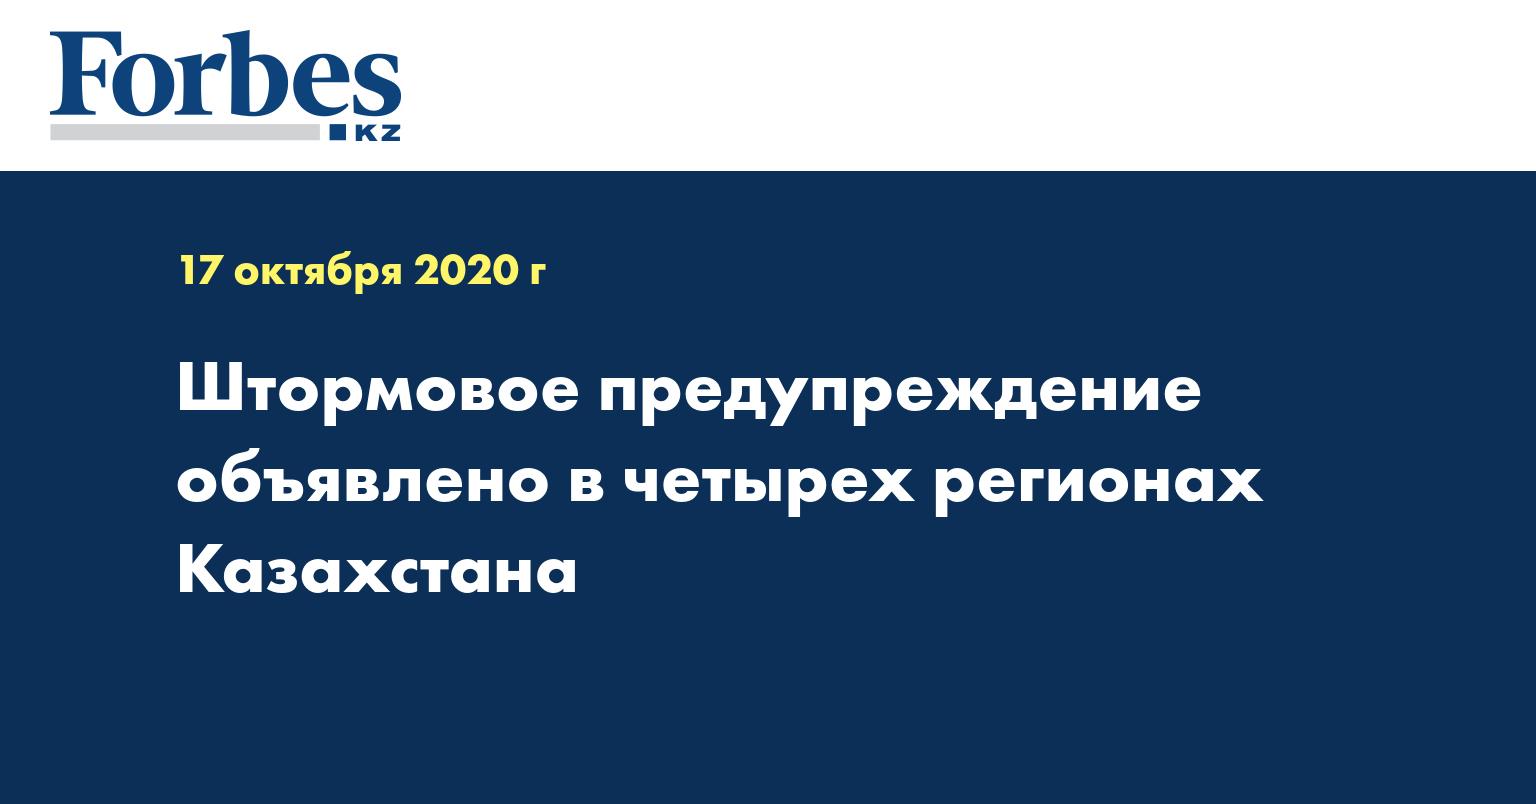 Штормовое предупреждение объявлено в четырех регионах Казахстана